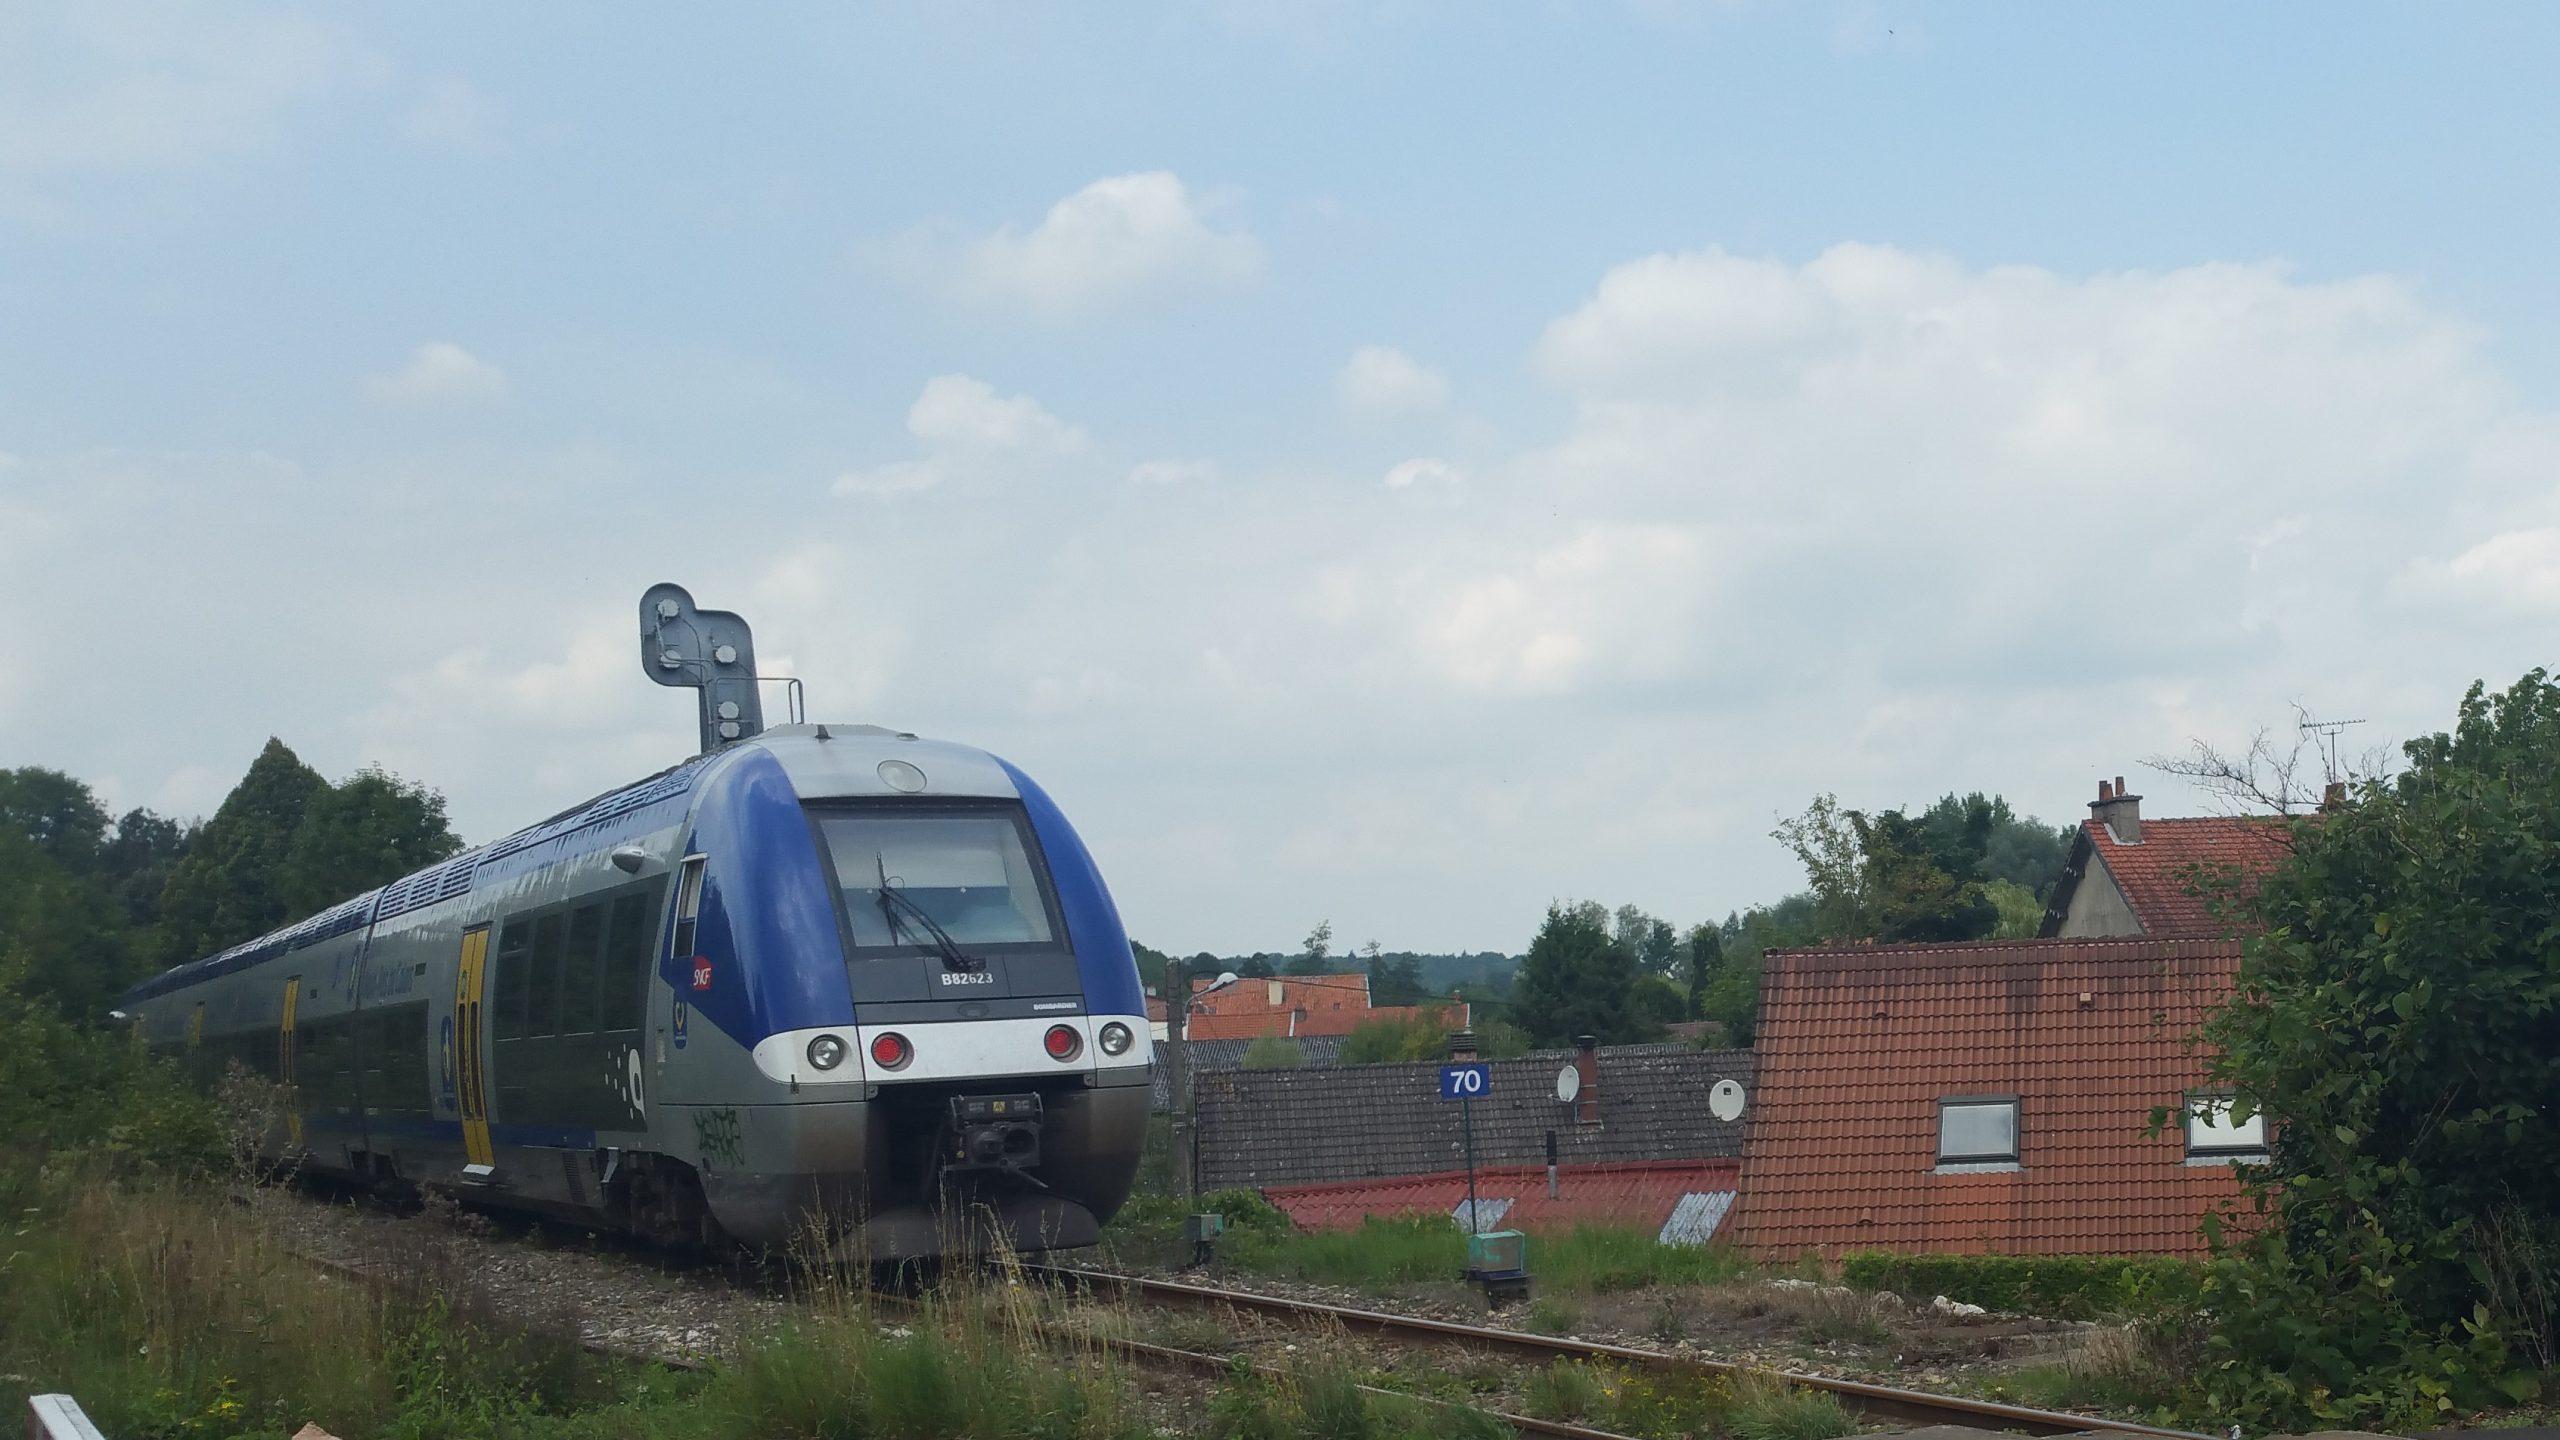 Ligne St-Pol-Etaples : services minimaux pour remplacer les trains